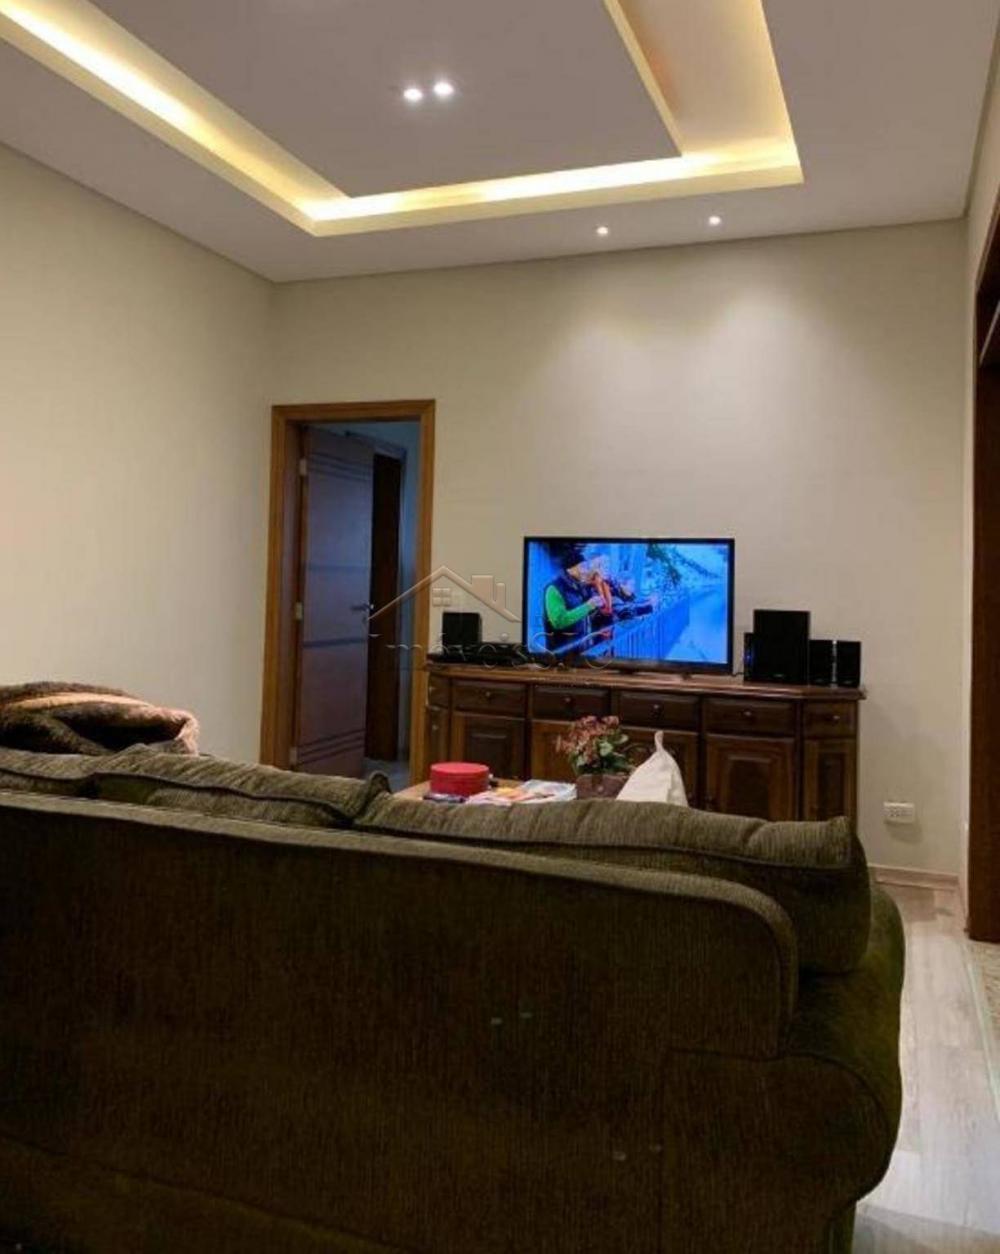 Comprar Casas / Condomínio em São José dos Campos apenas R$ 1.800.000,00 - Foto 5